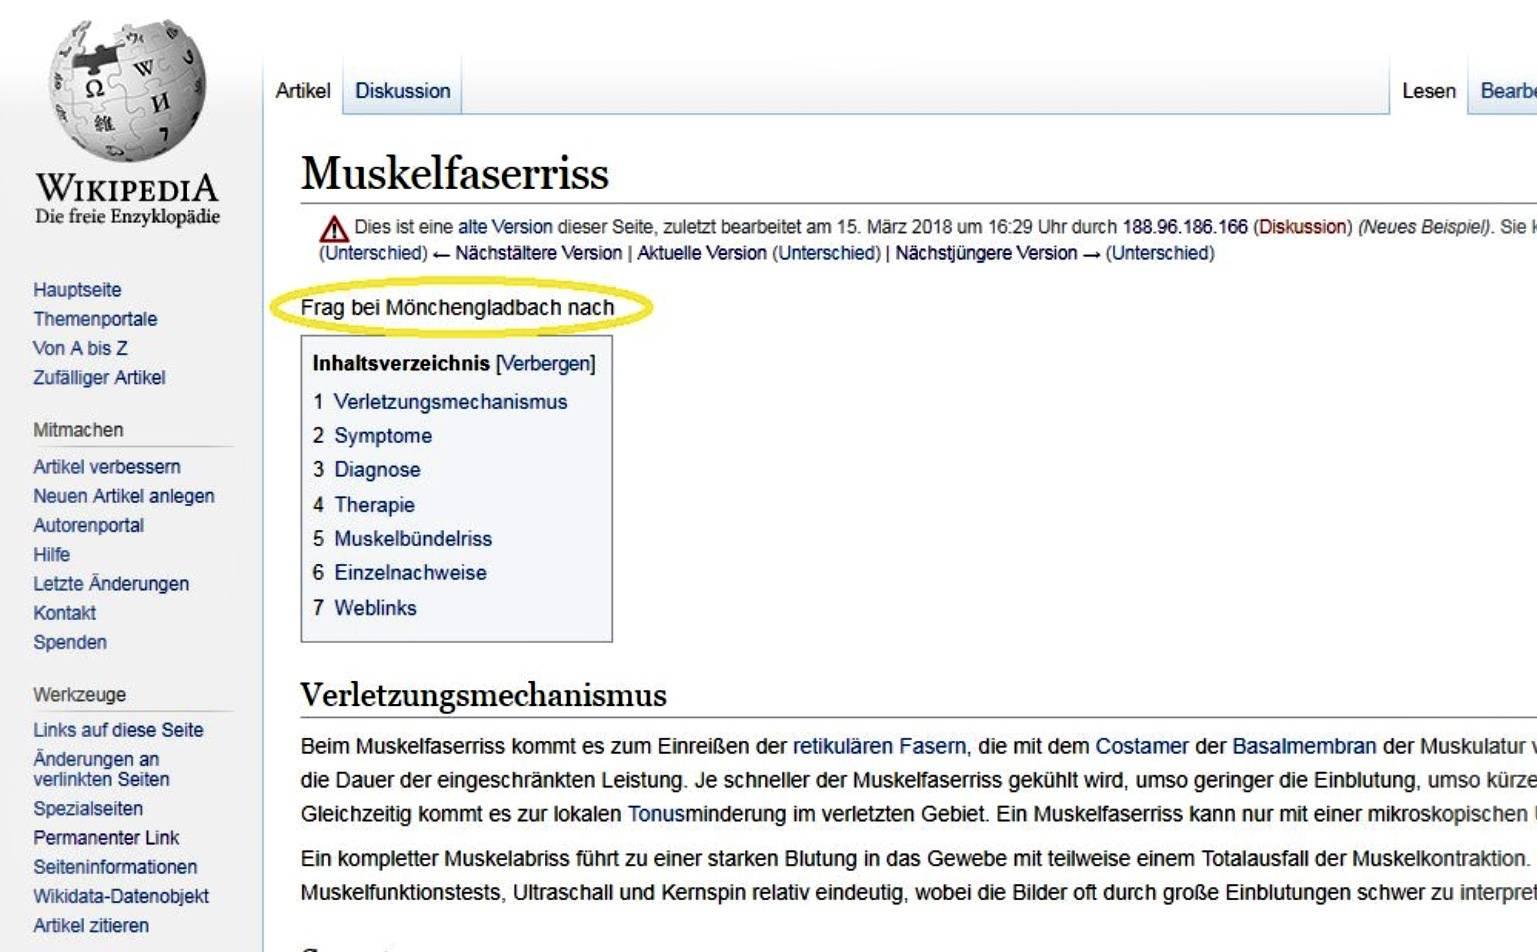 Borussia Monchengladbach Wikipedia Eintrag Muskelfaserriss Frag Bei Monchengladbach Nach